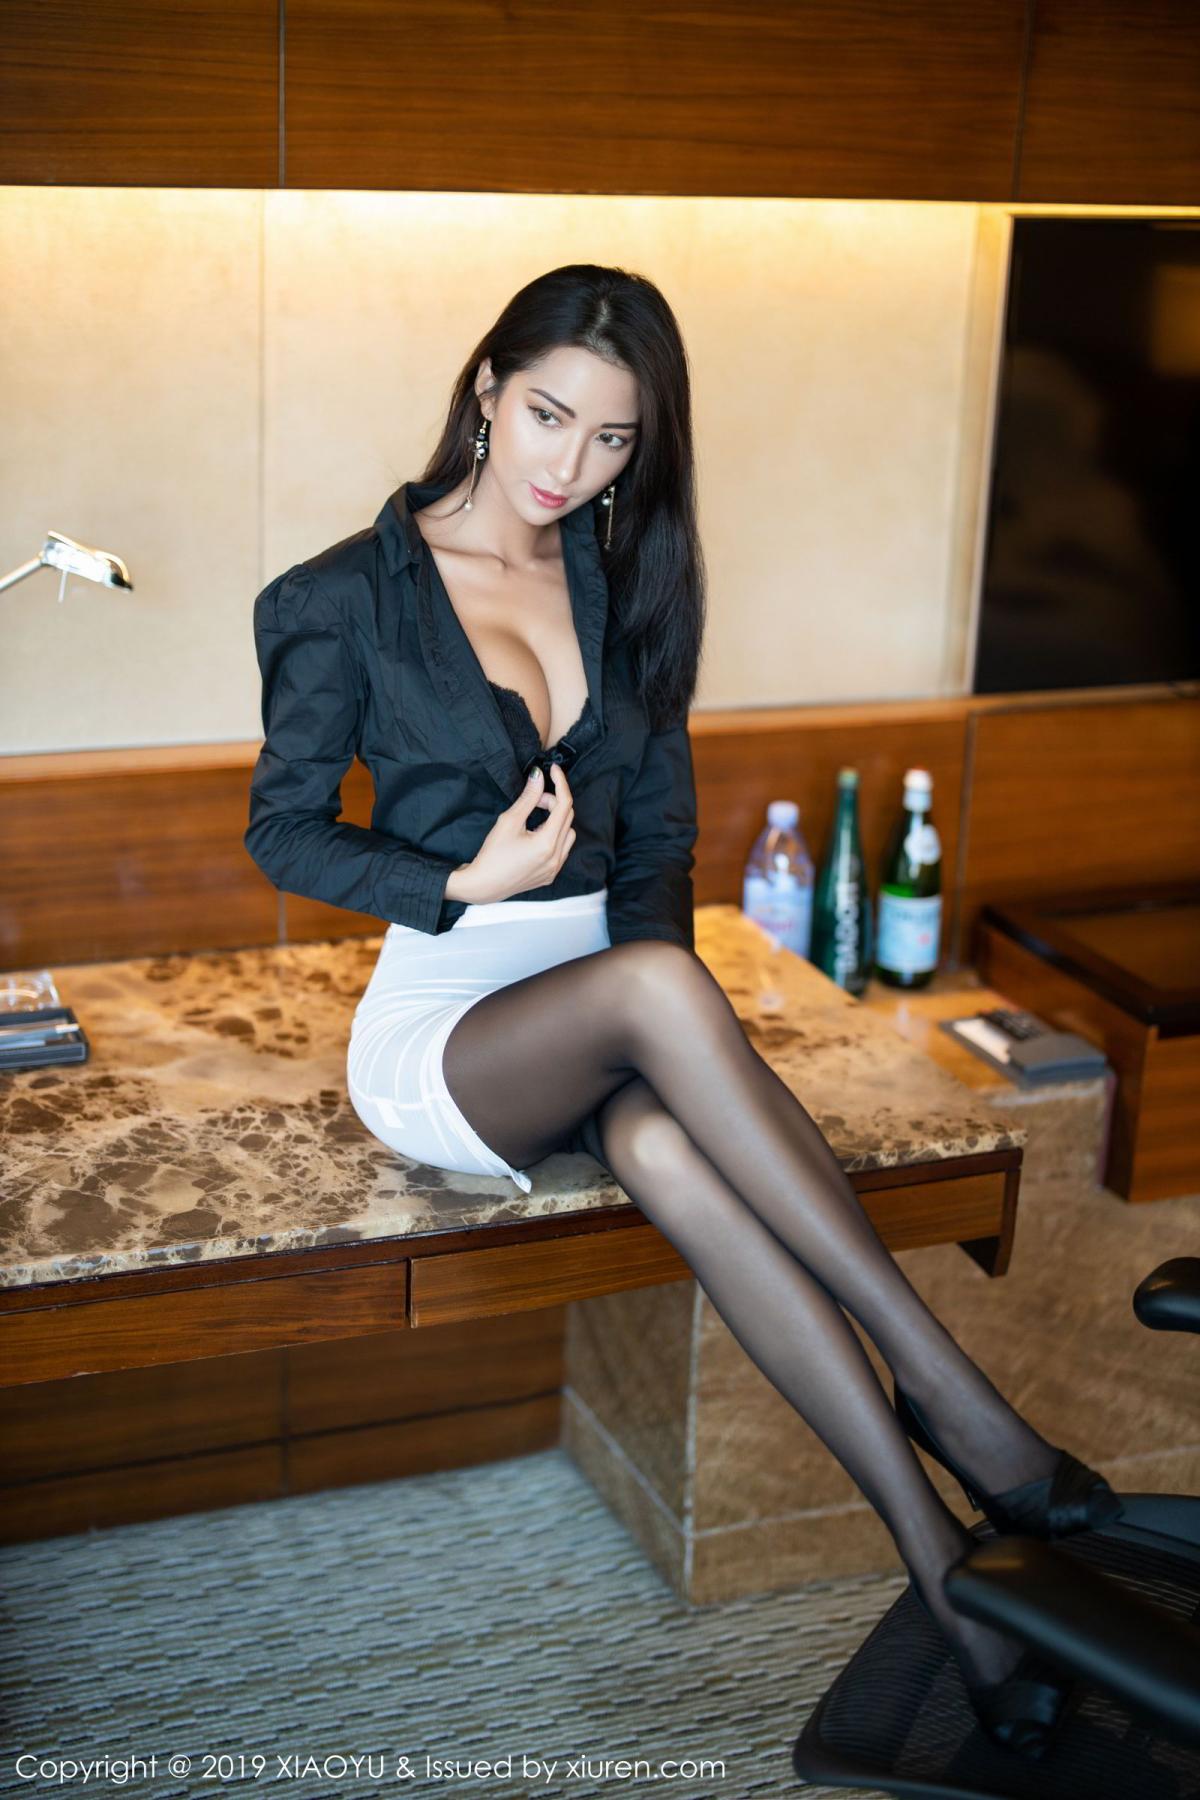 [XiaoYu] Vol.202 Chen Liang Ling 18P, Black Silk, Chen Liang Ling, Tall, Temperament, Underwear, XiaoYu